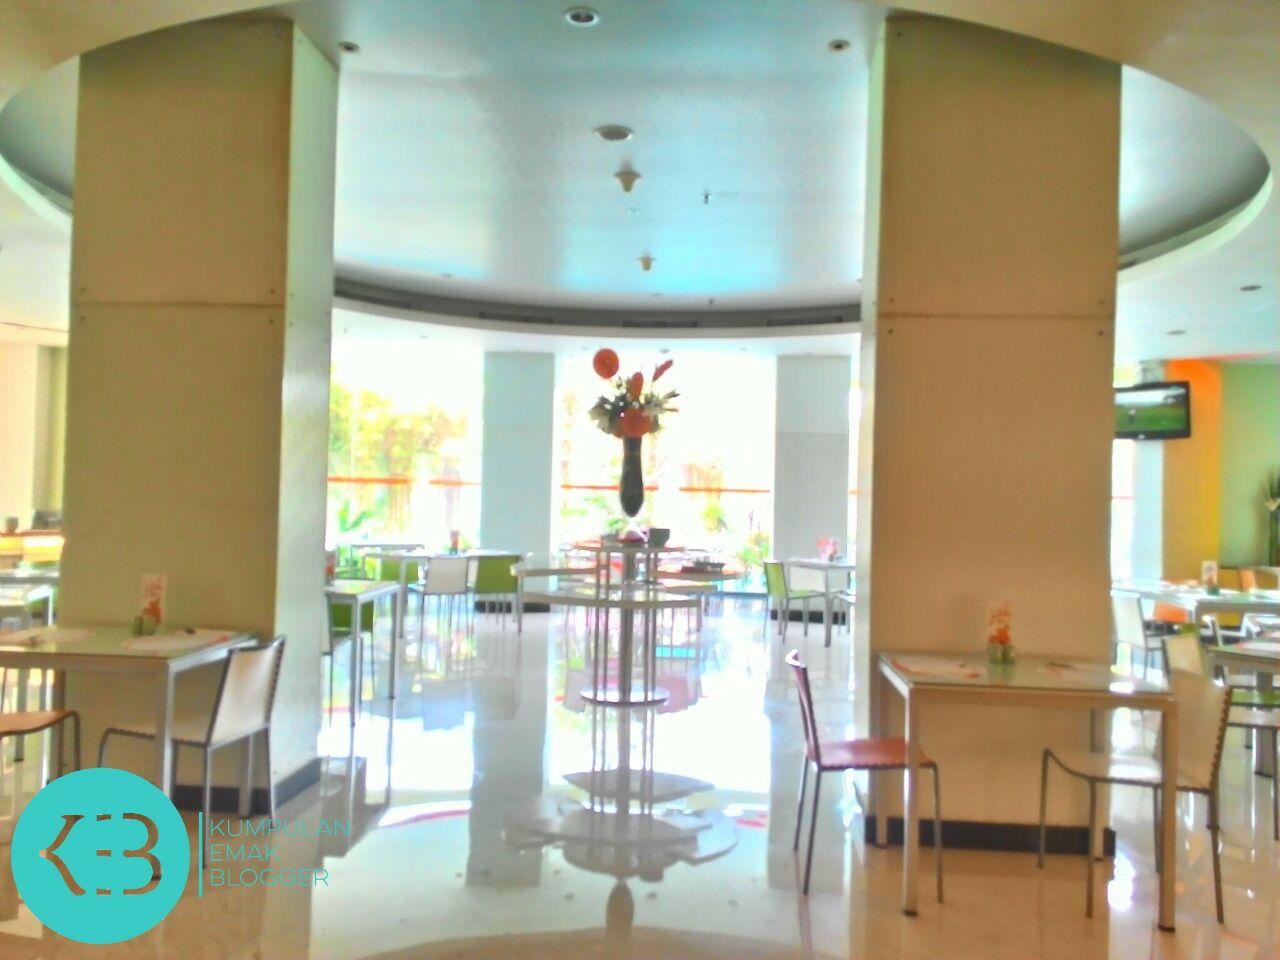 Tanpa rempong, tinggal klak-klik, duduk manis di salah satu resto Hotel Bintang ini bukan lagi hal ribet & sulit.